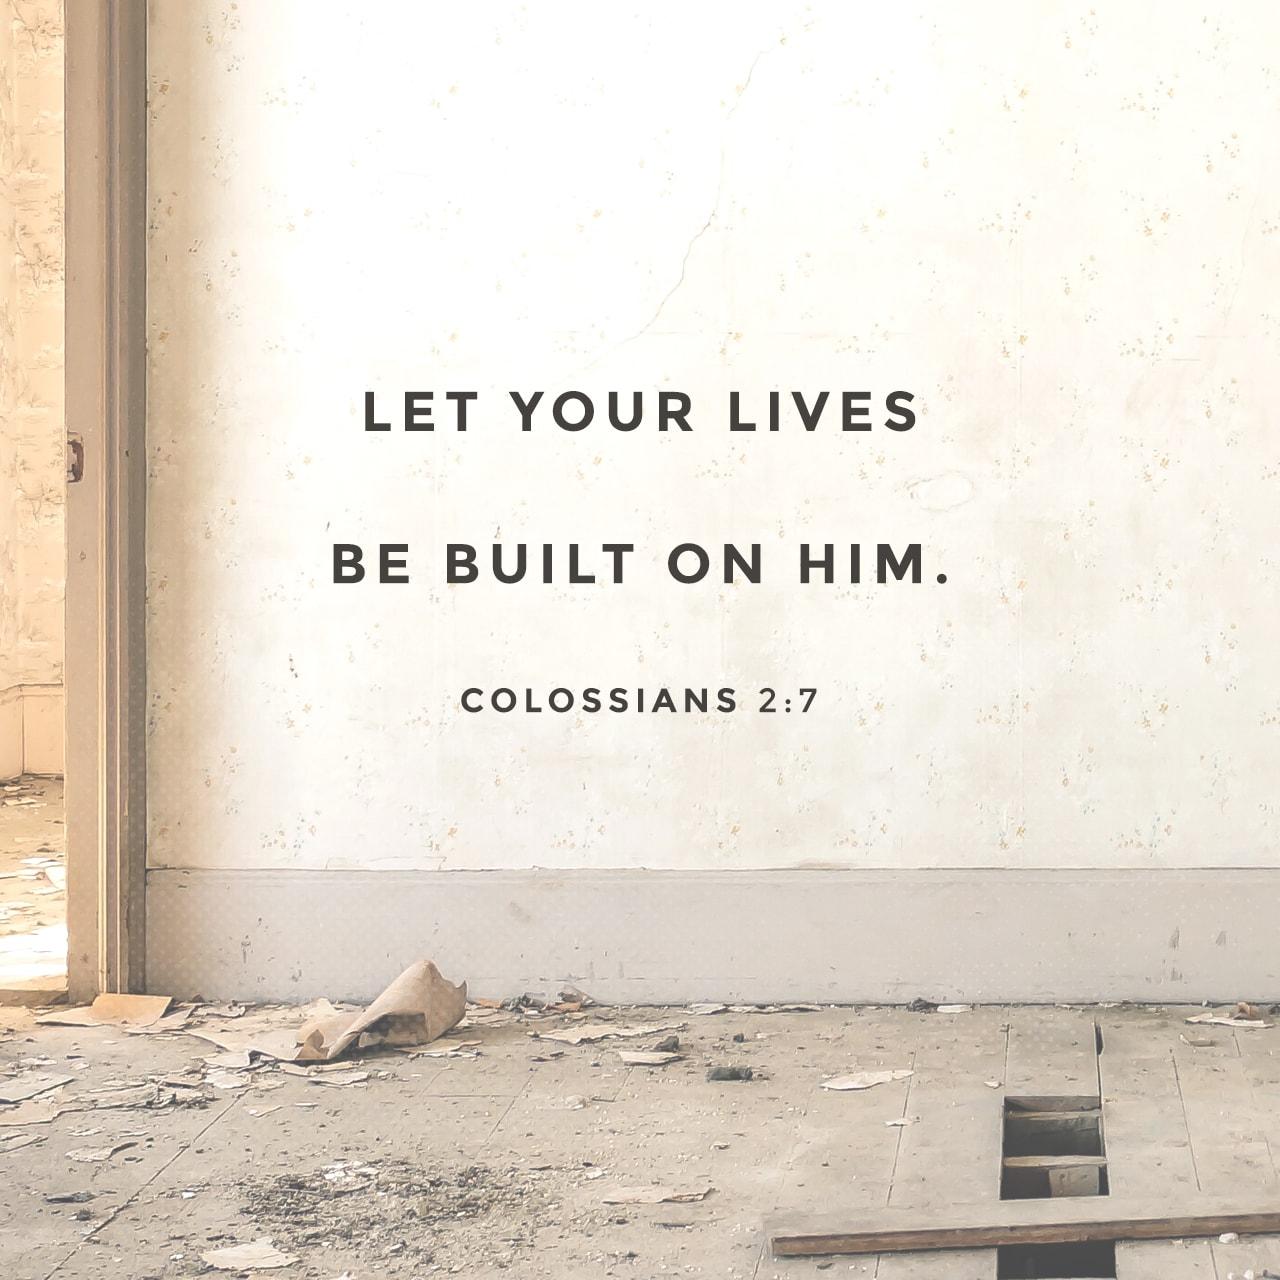 Colossians 2:7